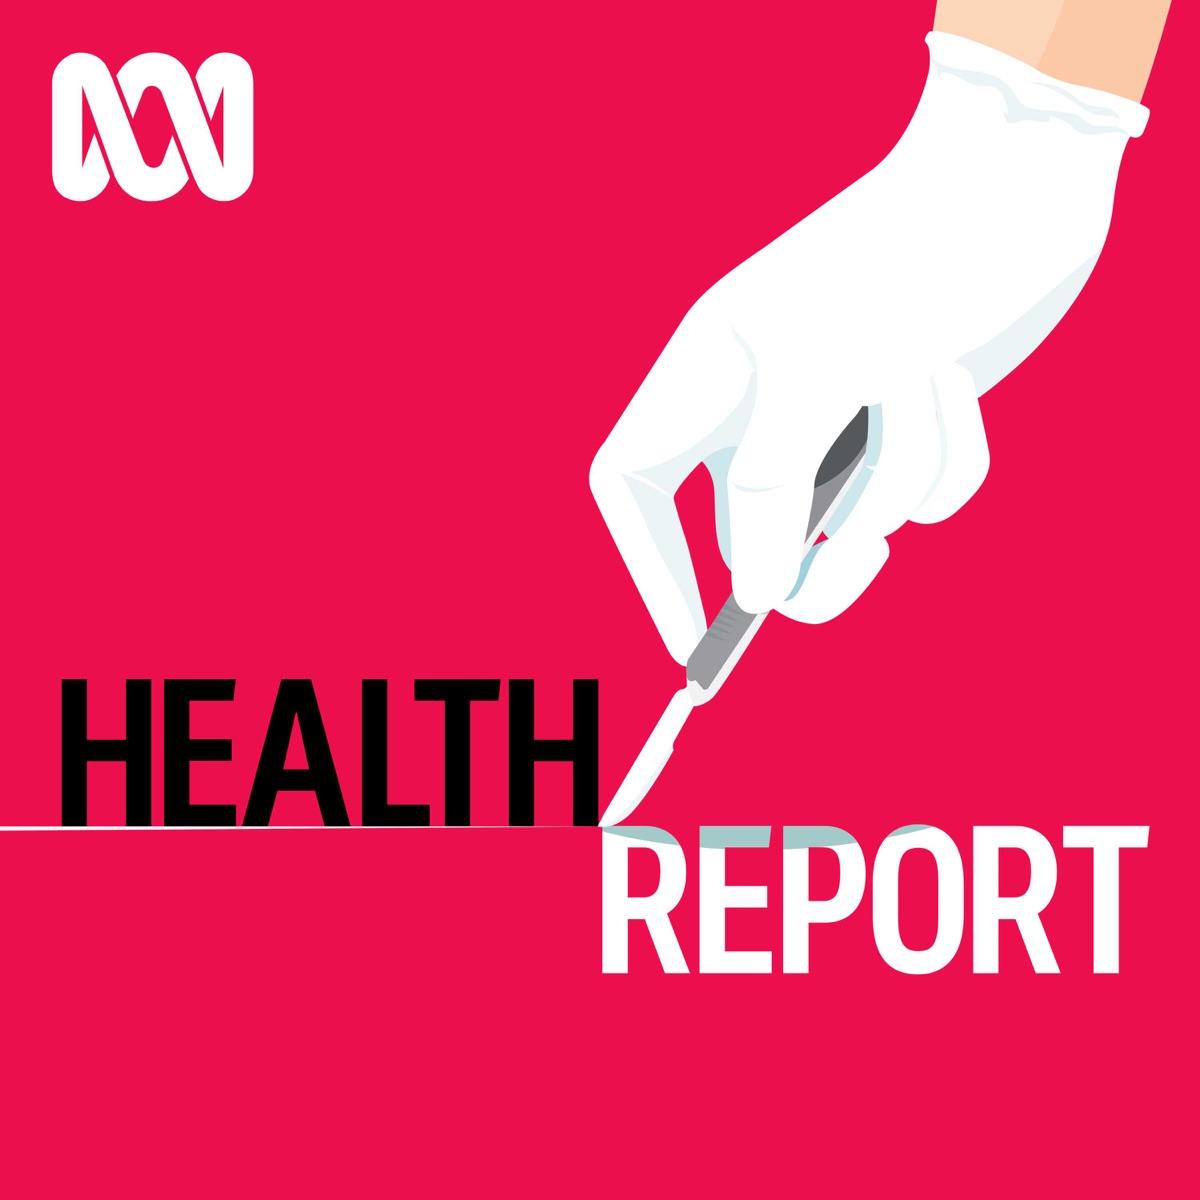 Health Report - Full program podcast